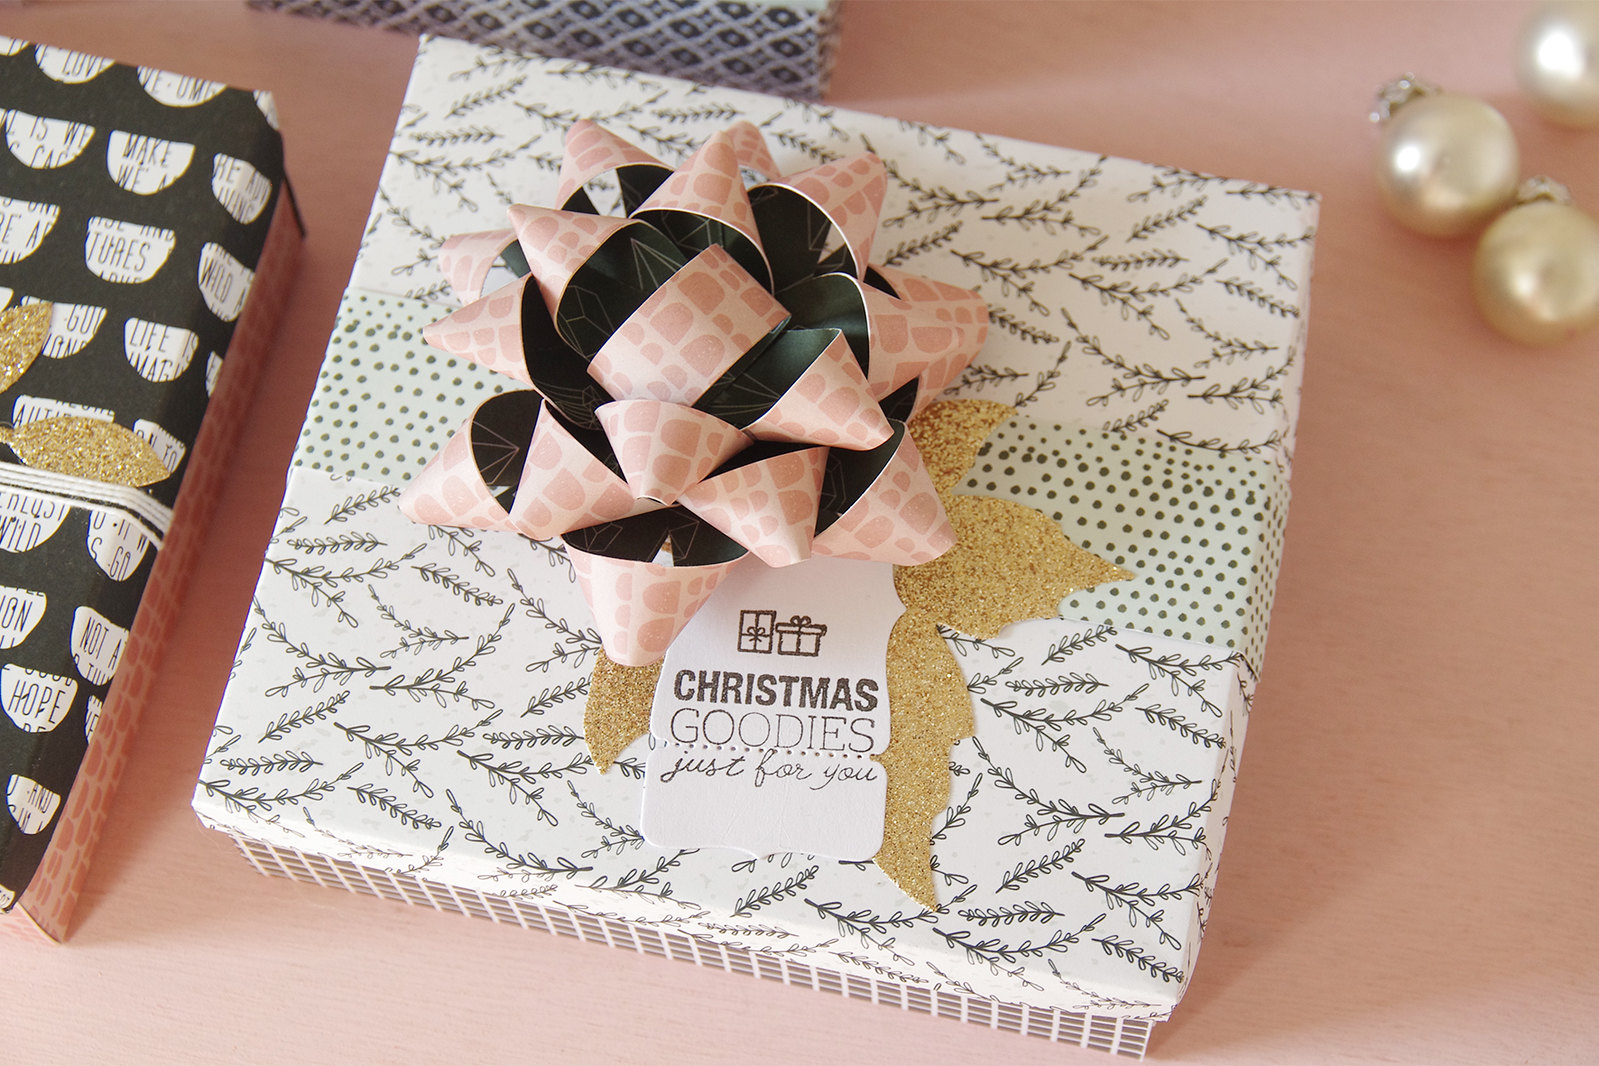 Belles boites pour beaux cadeaux kesiart marienicolasalliot-11